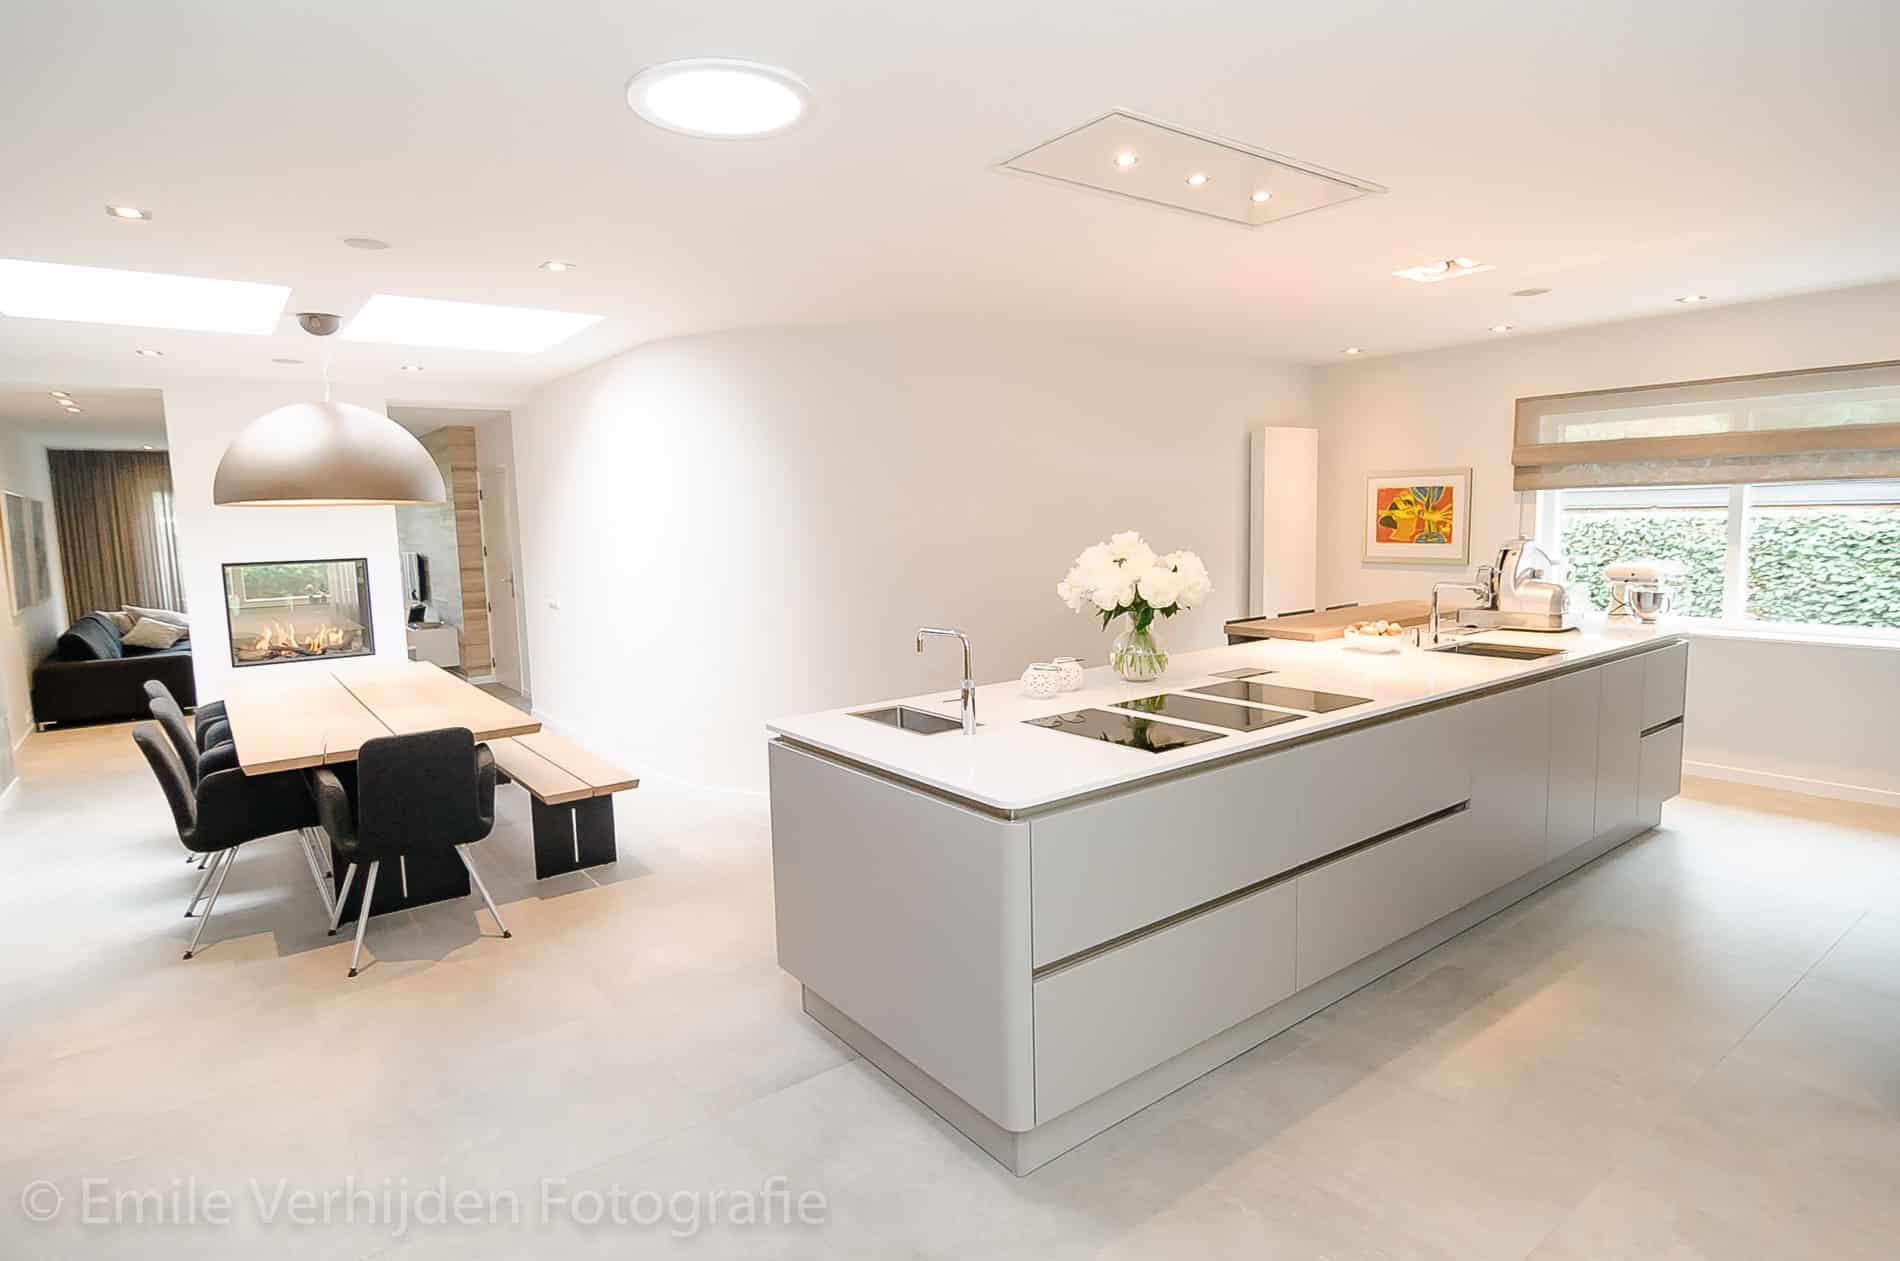 Interieurfotografie voorbeeld keuken